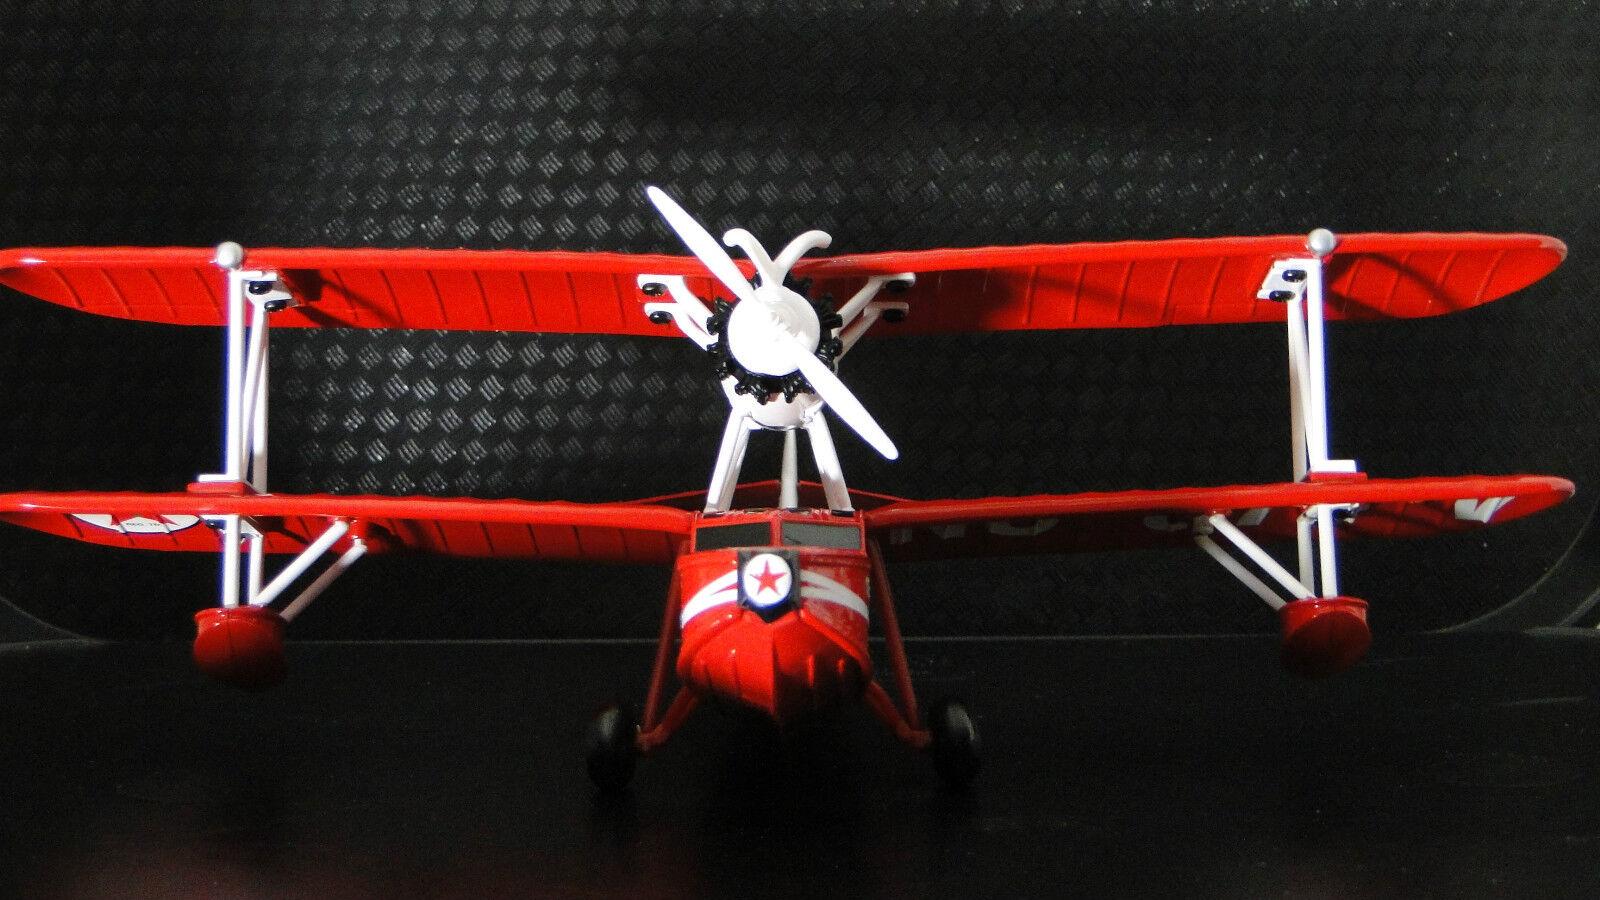 flygagagplan Förlaga tärningskast WW2 Militär arm årgång Karusell Röd B17 48